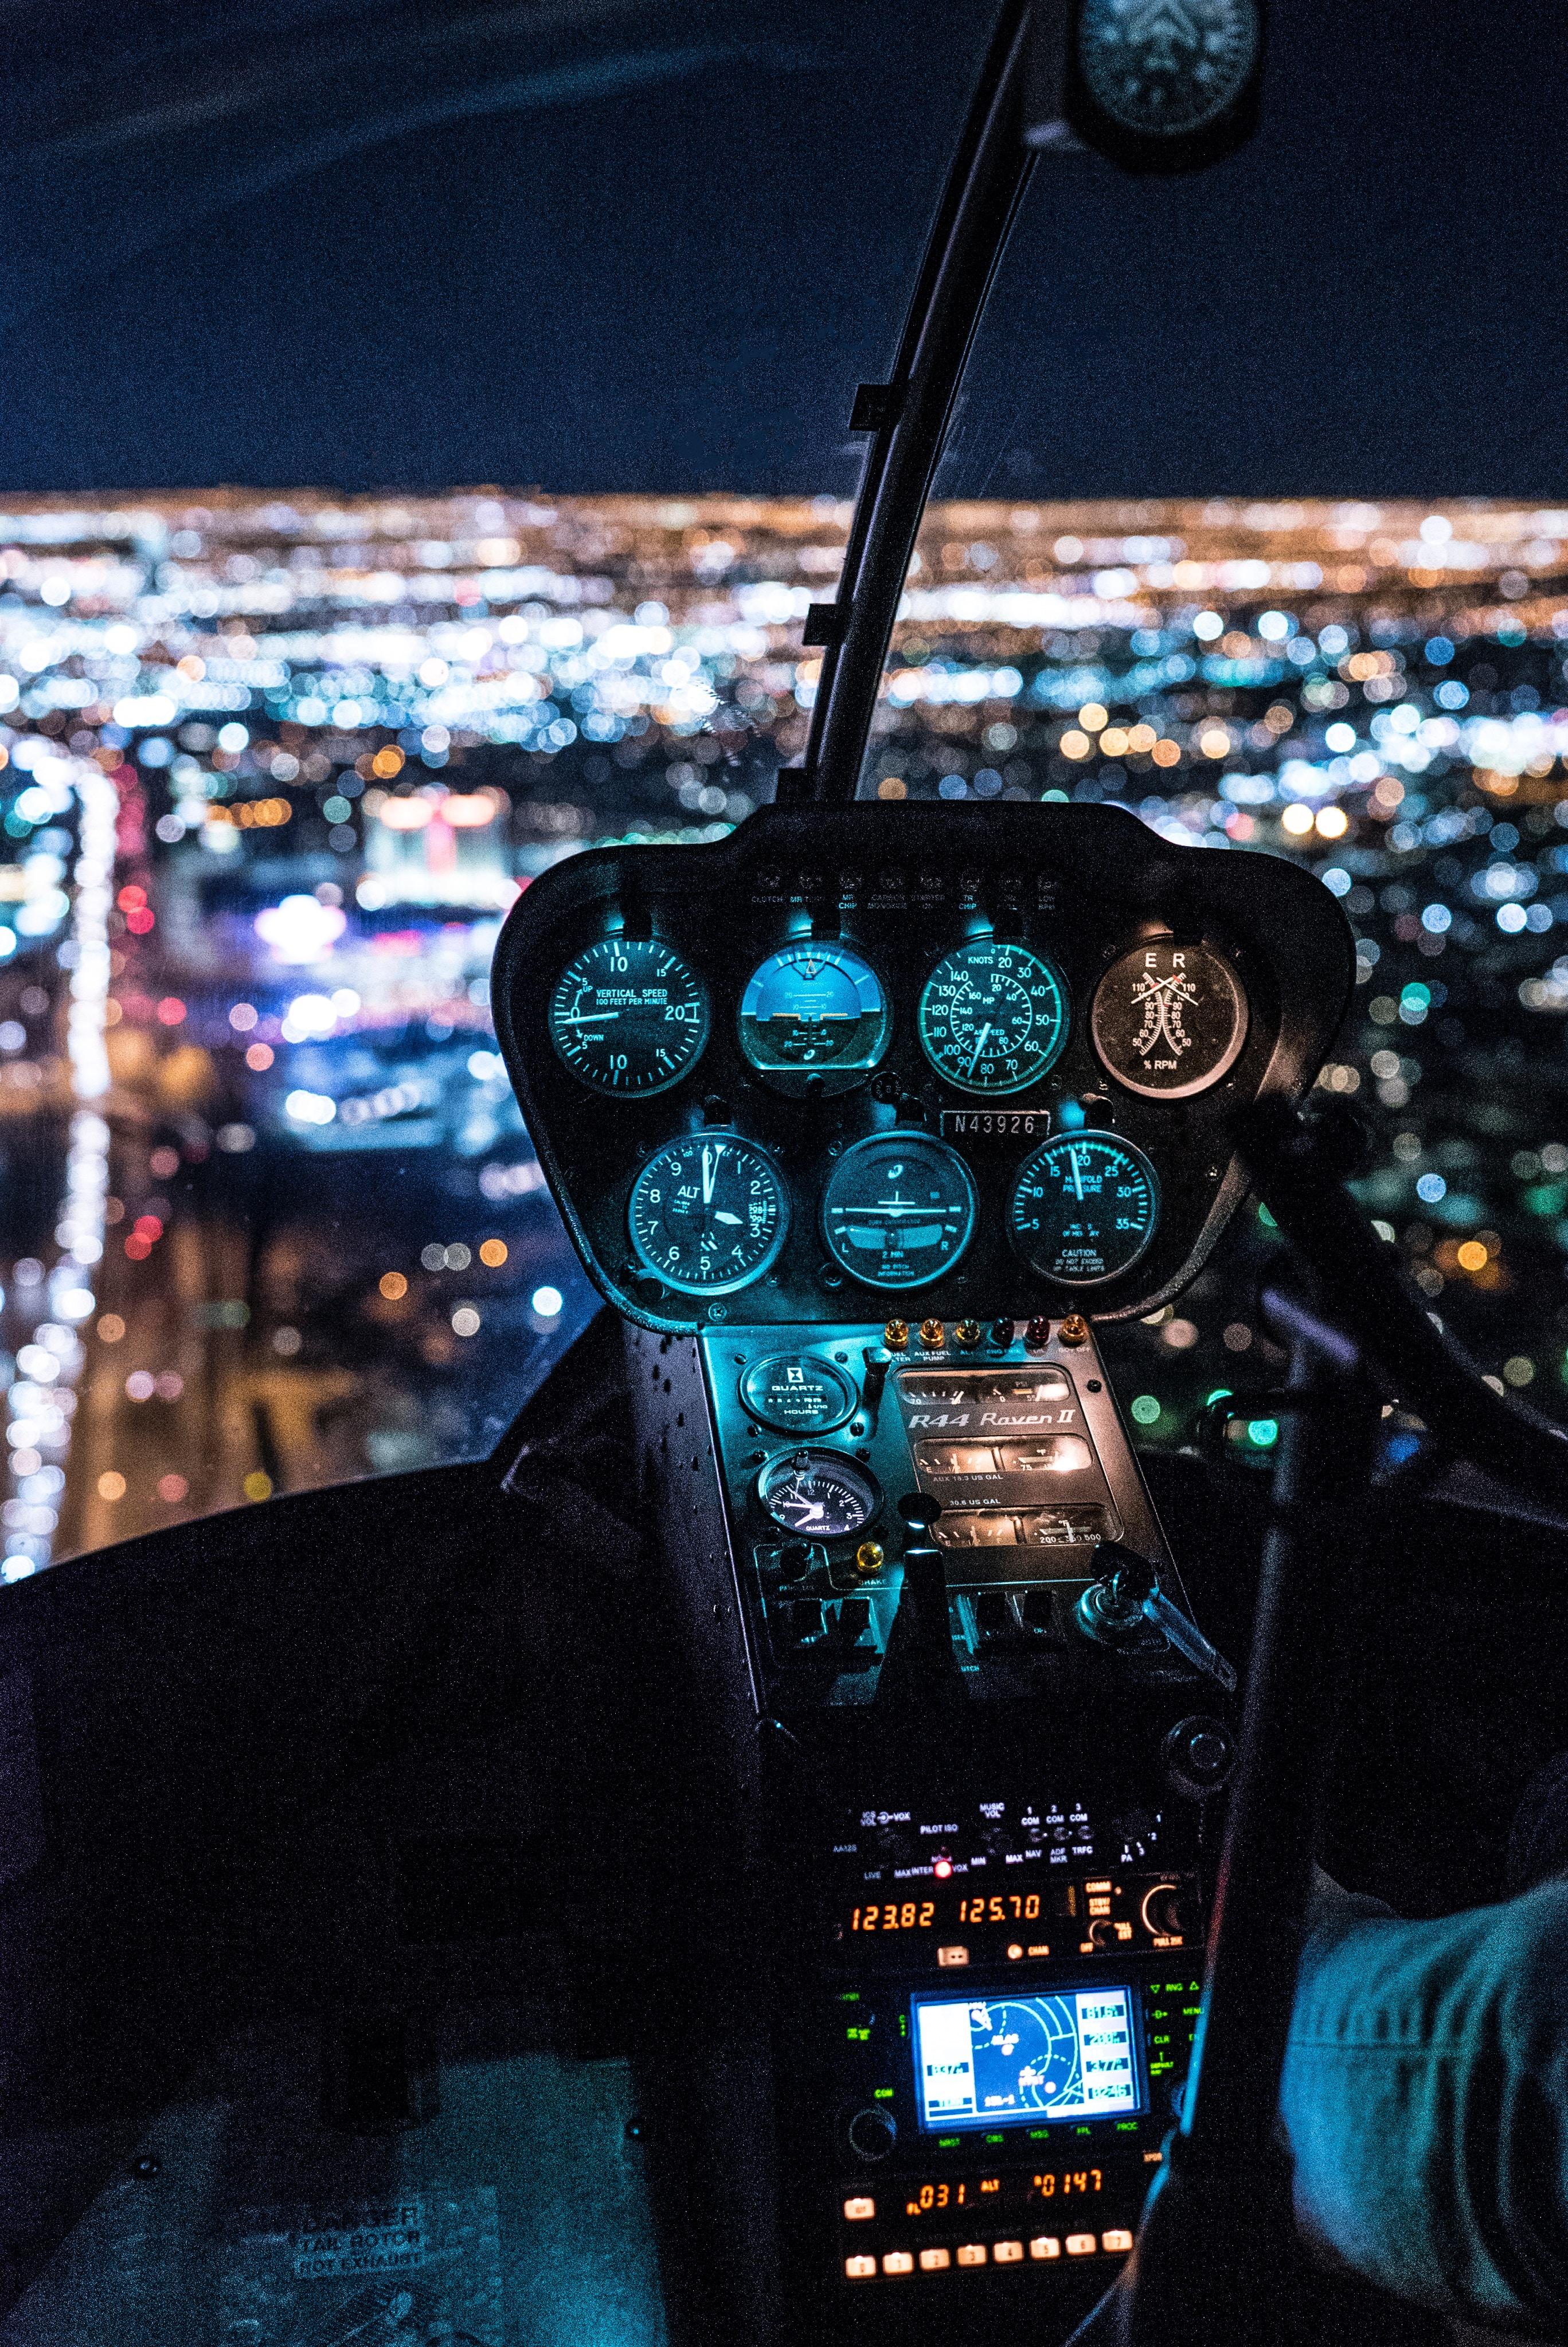 69864 Hintergrundbild herunterladen Hubschrauber, Verschiedenes, Sonstige, Cockpit, Steuerung, Management - Bildschirmschoner und Bilder kostenlos